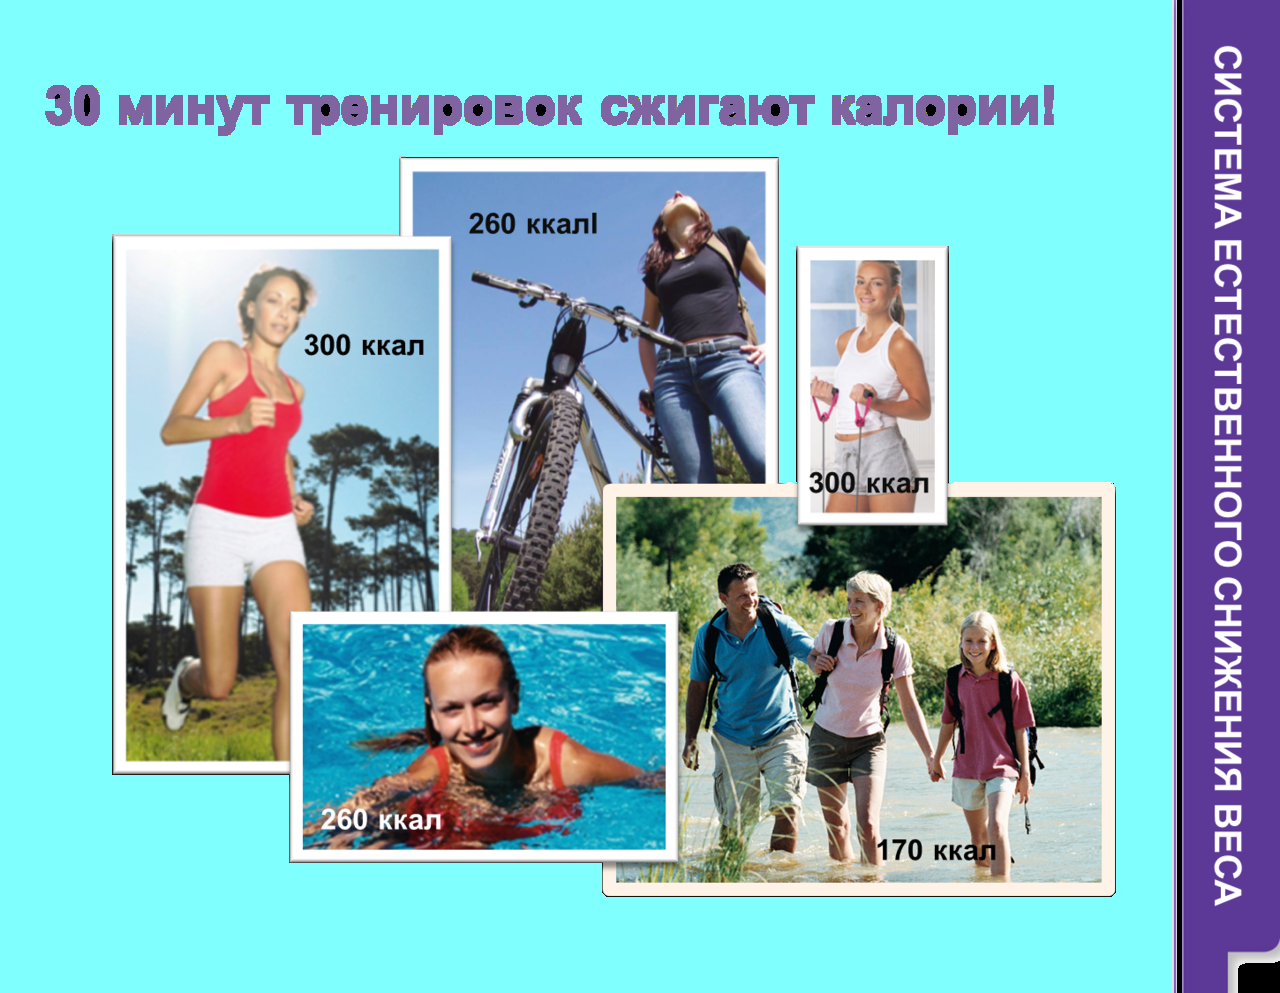 skolko-kaloriy-tratitsya-pri-masturbatsii